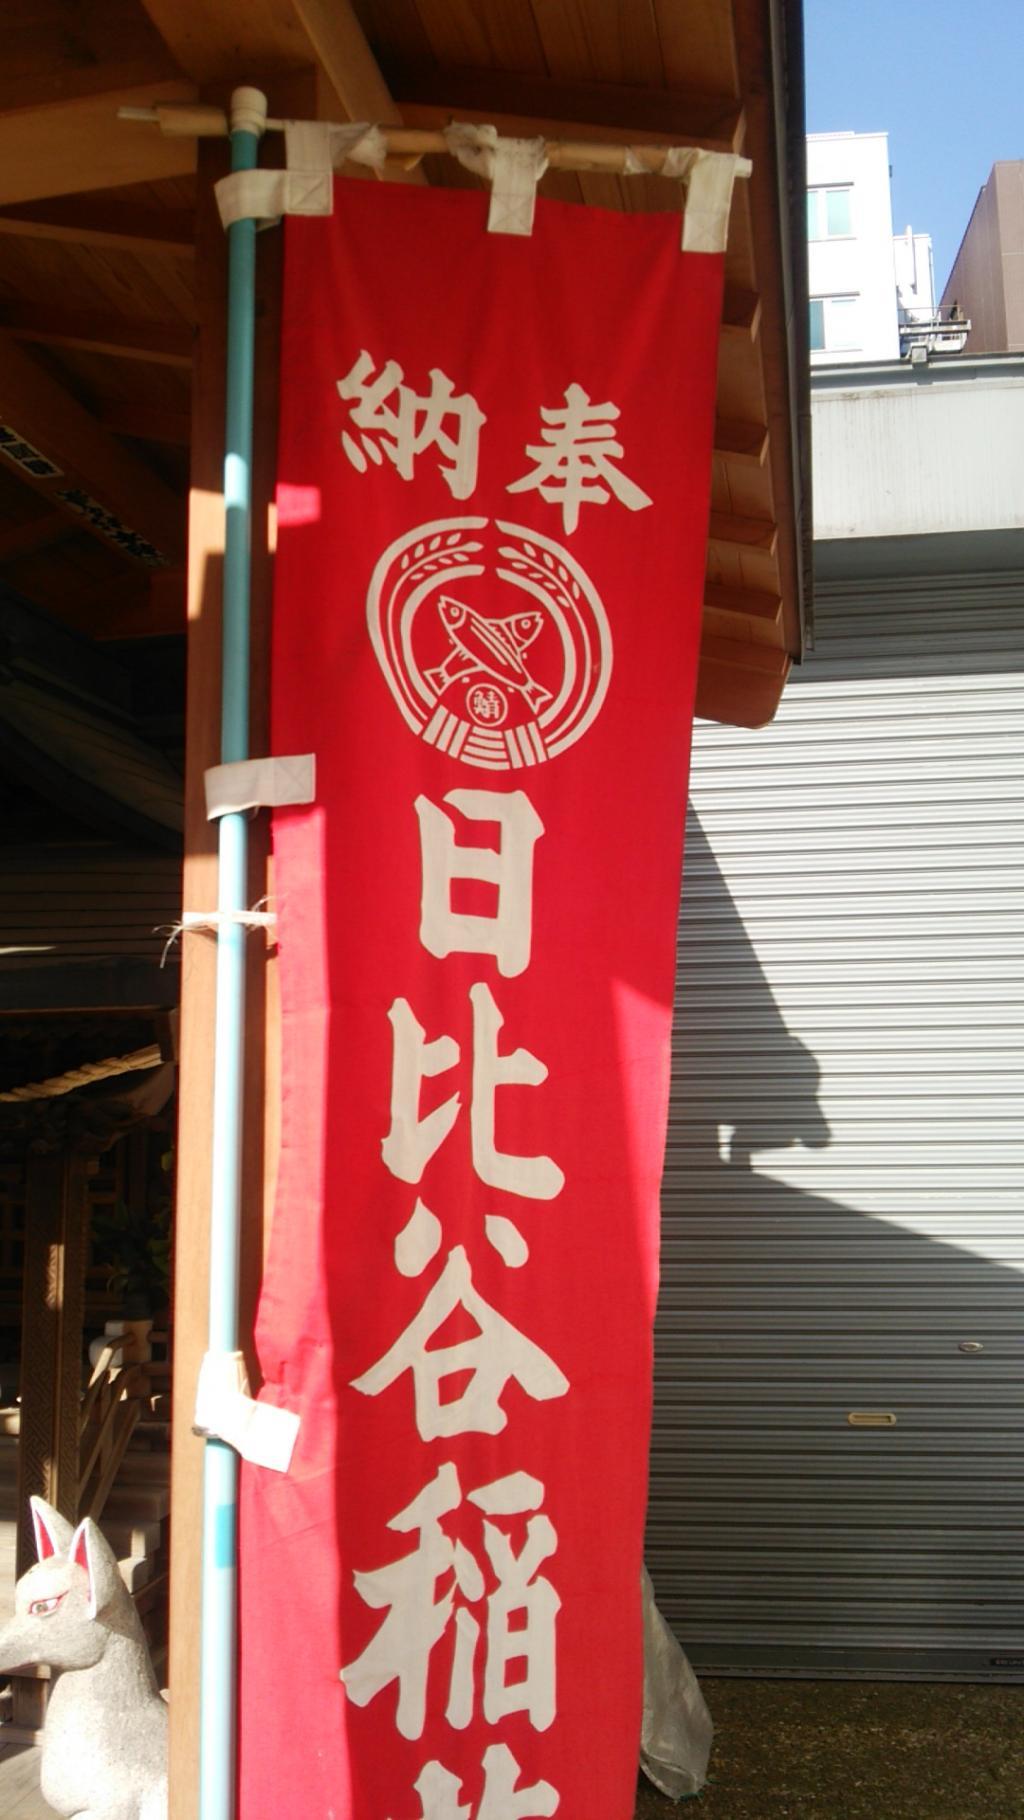 对也给旗帜配上青花鱼的印牙疼有灵验。日比谷五谷神和汐見地蔵尊